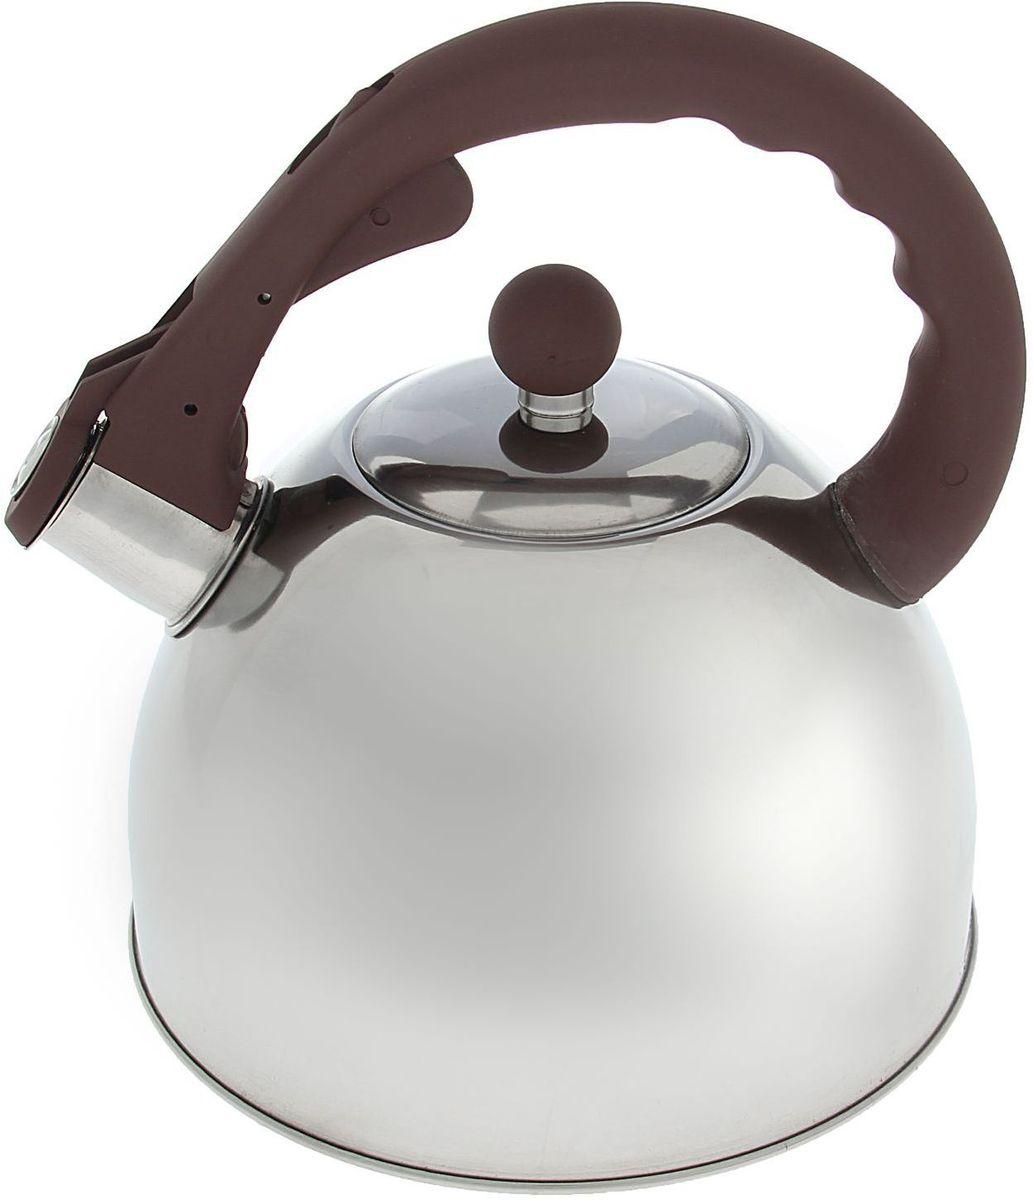 Чайник Доляна Бэйсик, со свистком, цвет: коричневый, 2,5 л1405196Бытовая посуда из нержавеющей стали славится неприхотливостью в уходе и безукоризненной функциональностью. Коррозиестойкий сплав обеспечивает гигиеничность изделий. Чайники из этого материала абсолютно безопасны для здоровья человека. Чем привлекательна посуда из нержавейки? Чайник из нержавеющей стали станет удачной находкой для дома или ресторана: благодаря низкой теплопроводности модели вода дольше остается горячей; необычный дизайн радует глаз и поднимает настроение; качественное дно гарантирует быстрый нагрев. Как продлить срок службы? Ухаживать за новым приобретением элементарно просто, но стоит помнить о нескольких нехитрых правилах. Во-первых, не следует применять абразивные инструменты и сильнохлорированные моющие средства. Во-вторых, не оставляйте пустую посуду на плите. В-третьих, если вы уезжаете из дома на длительное время - выливайте воду из чайника. Если на внутренней поверхности изделия появились пятна, используйте для их удаления несколько капель уксусной или лимонной...